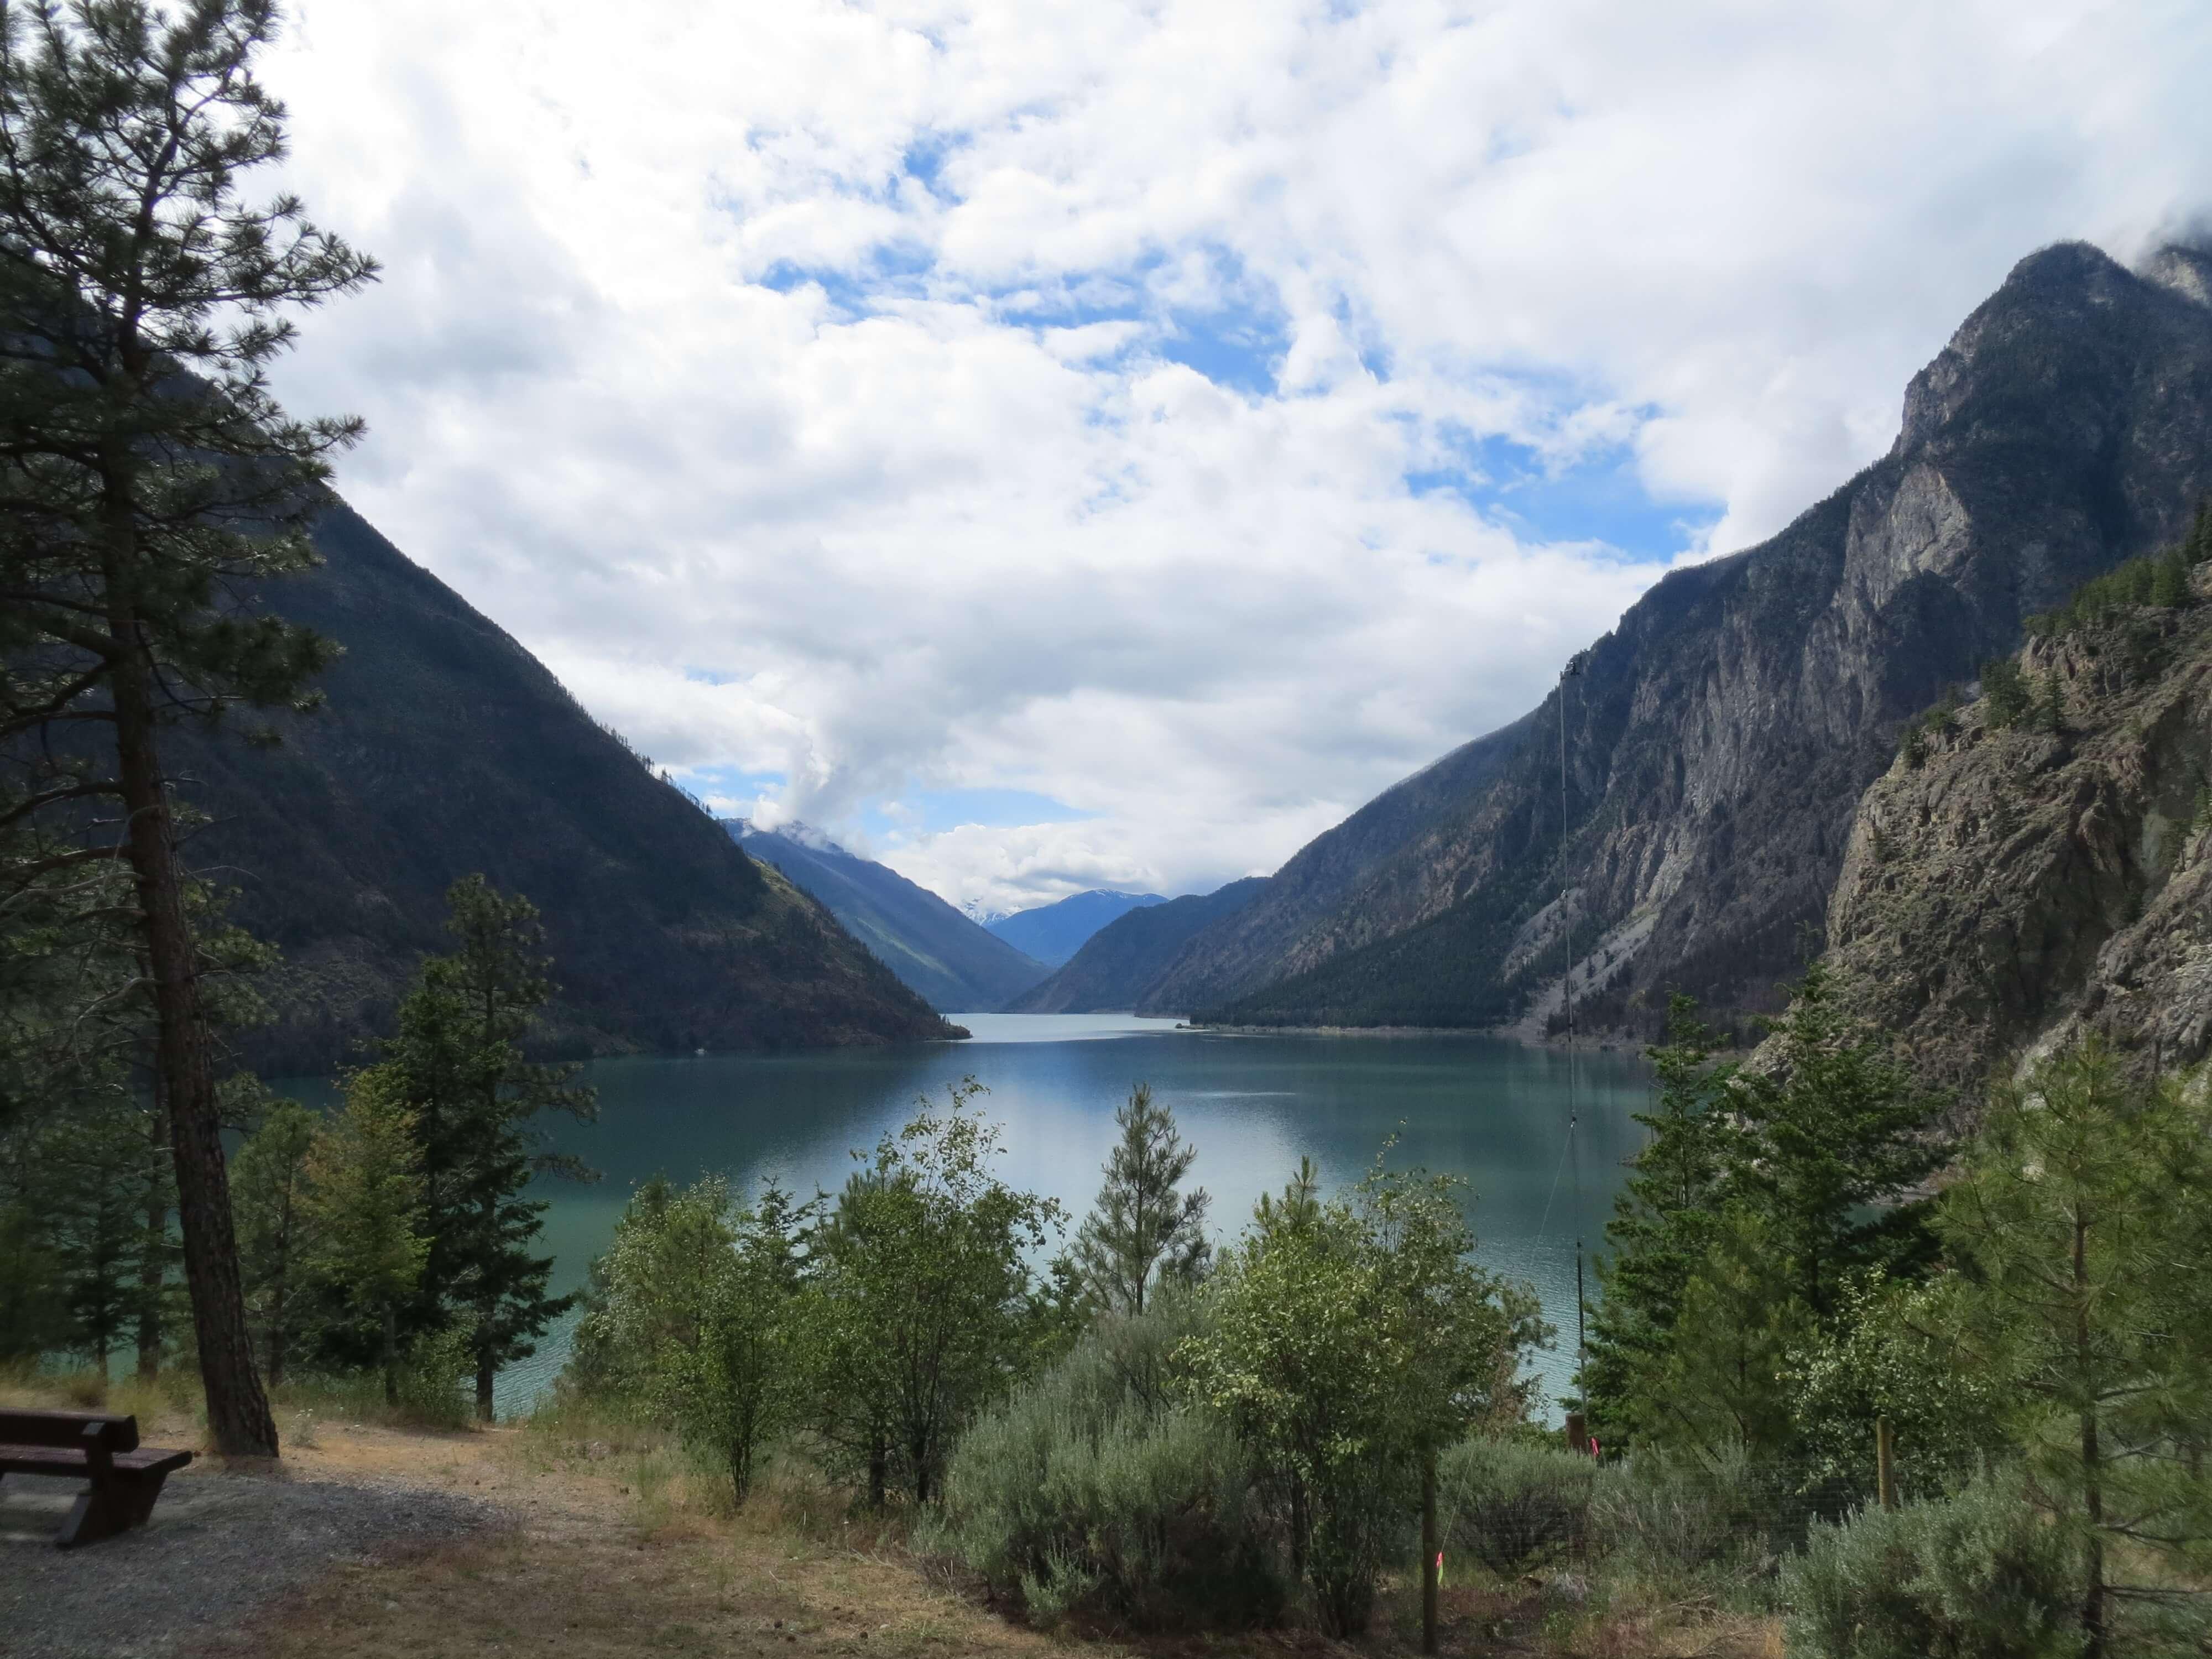 29-daagse privé autoreis door het Noordwesten van Canada - Het avontuurlijke British-Columbia, Yukon en Alberta